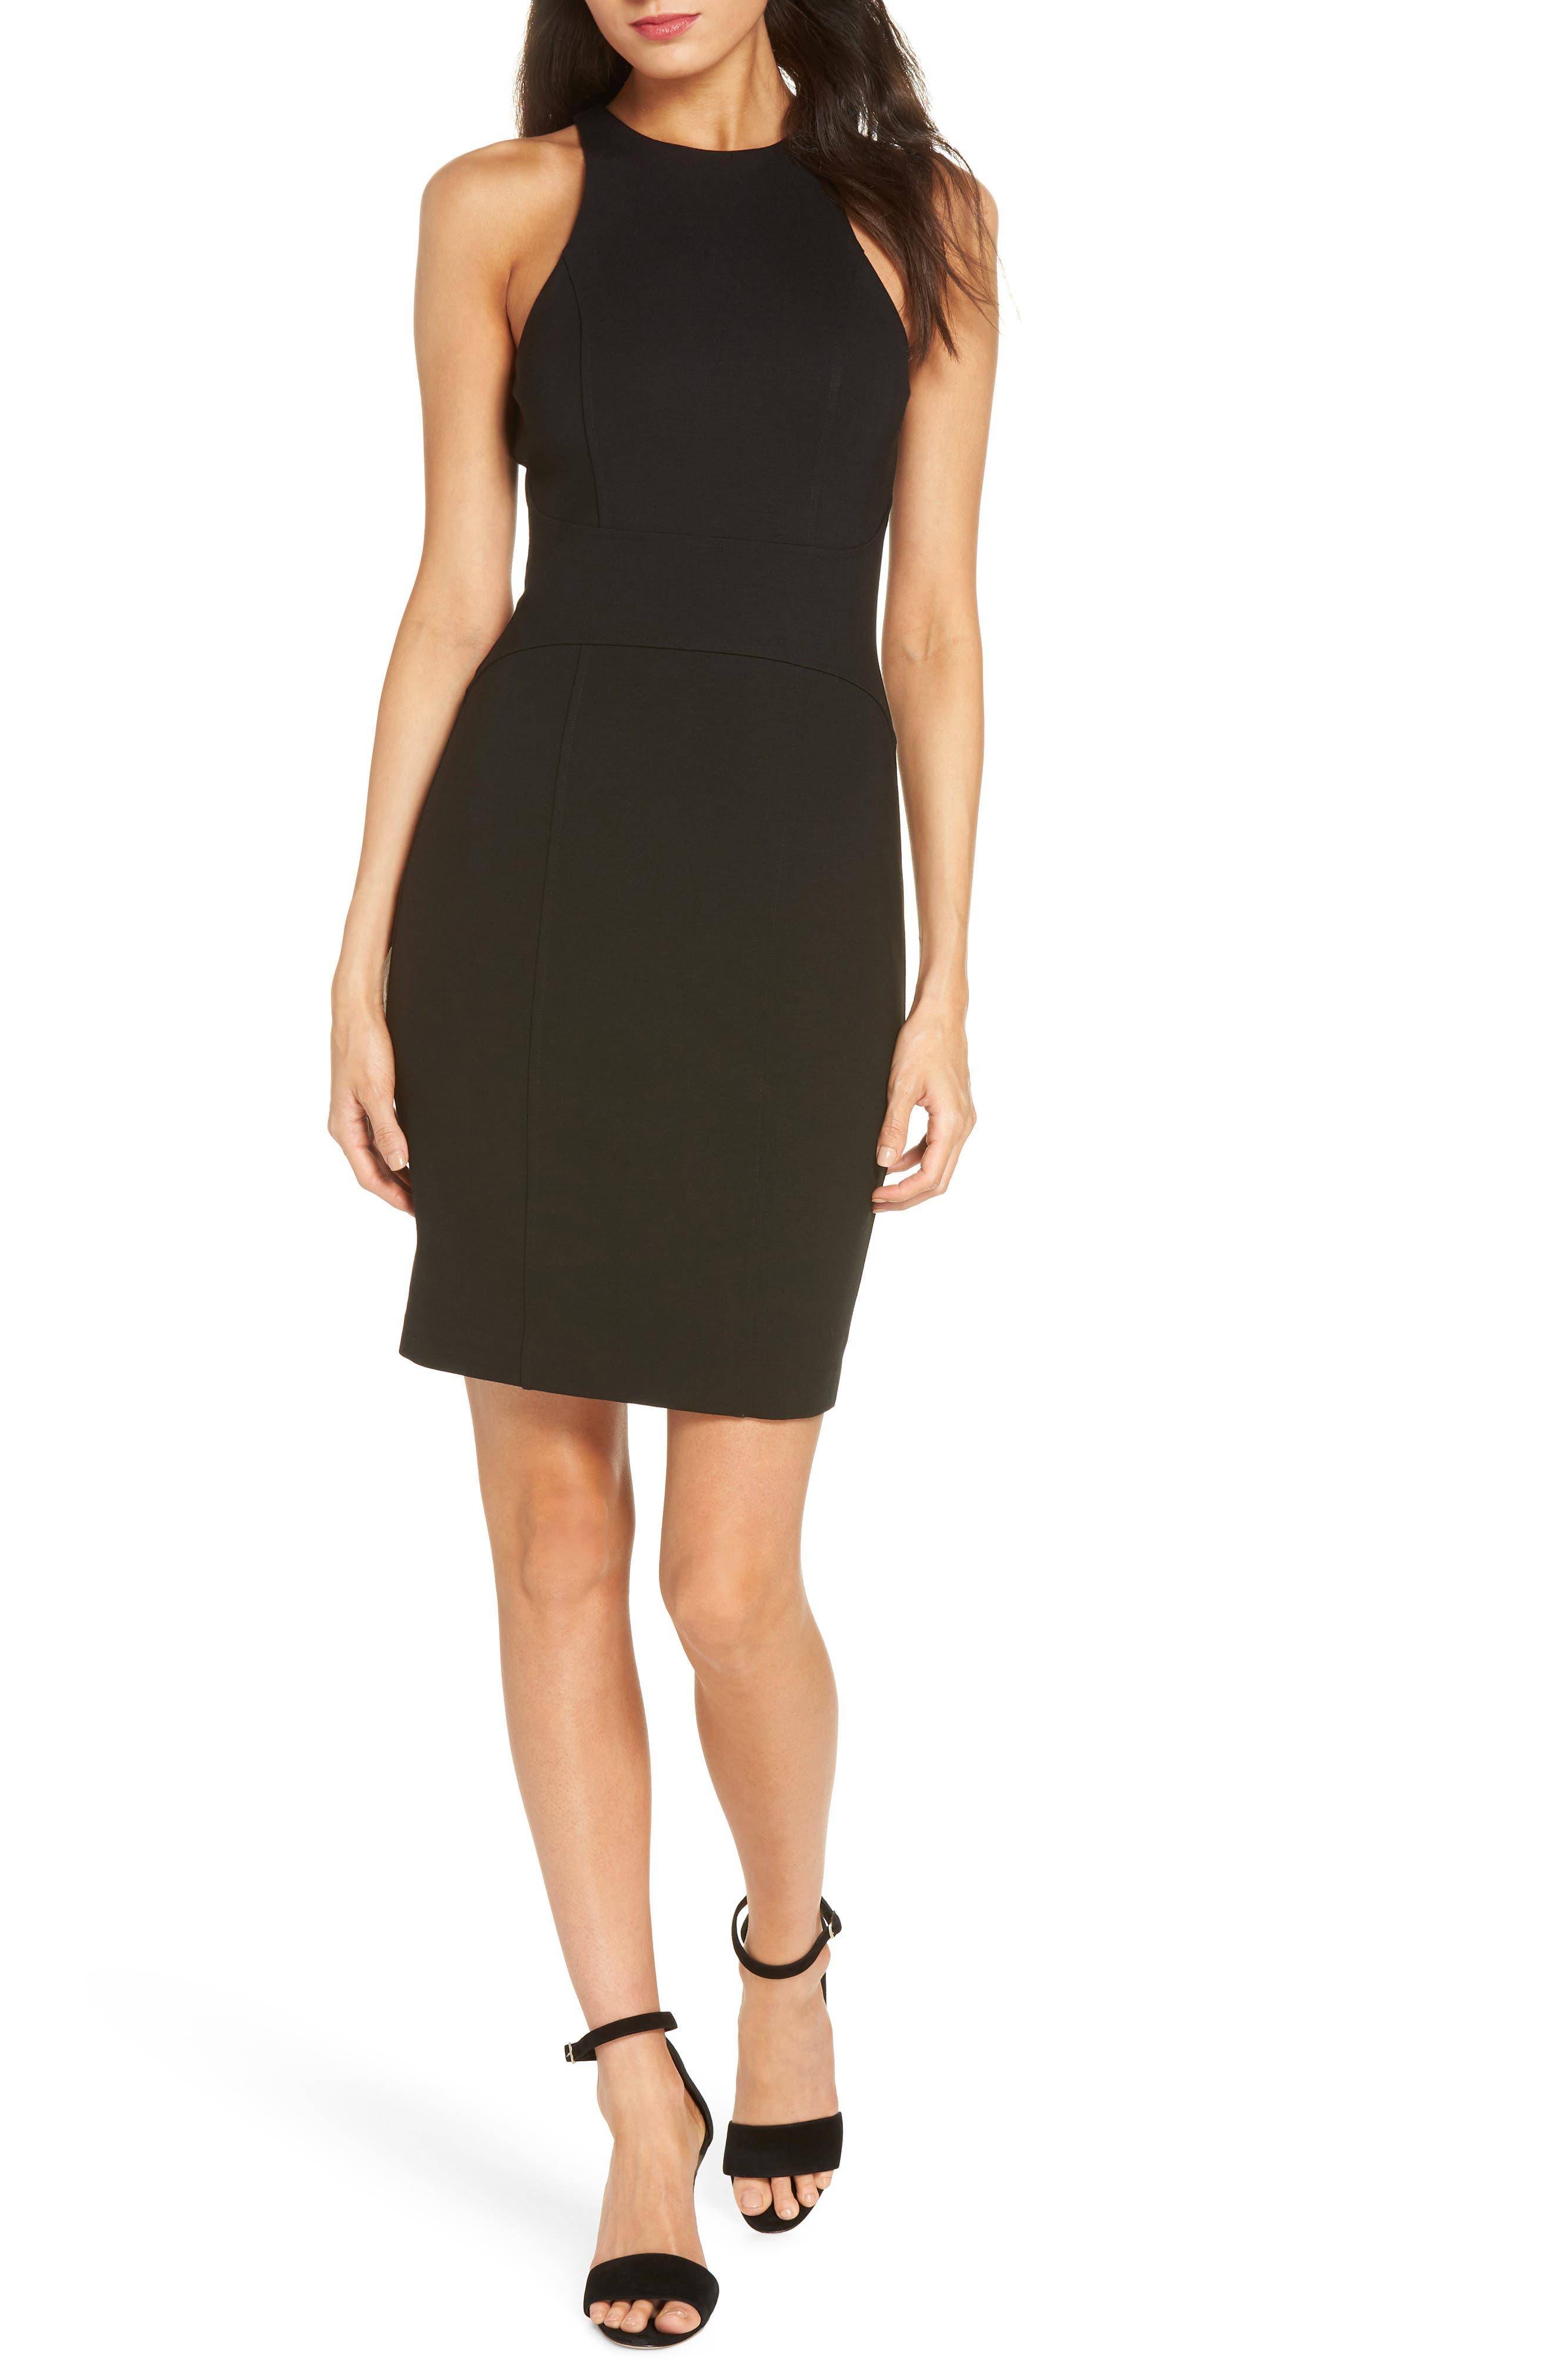 ALI & JAY You Ruin Me Body-Con Dress in Black